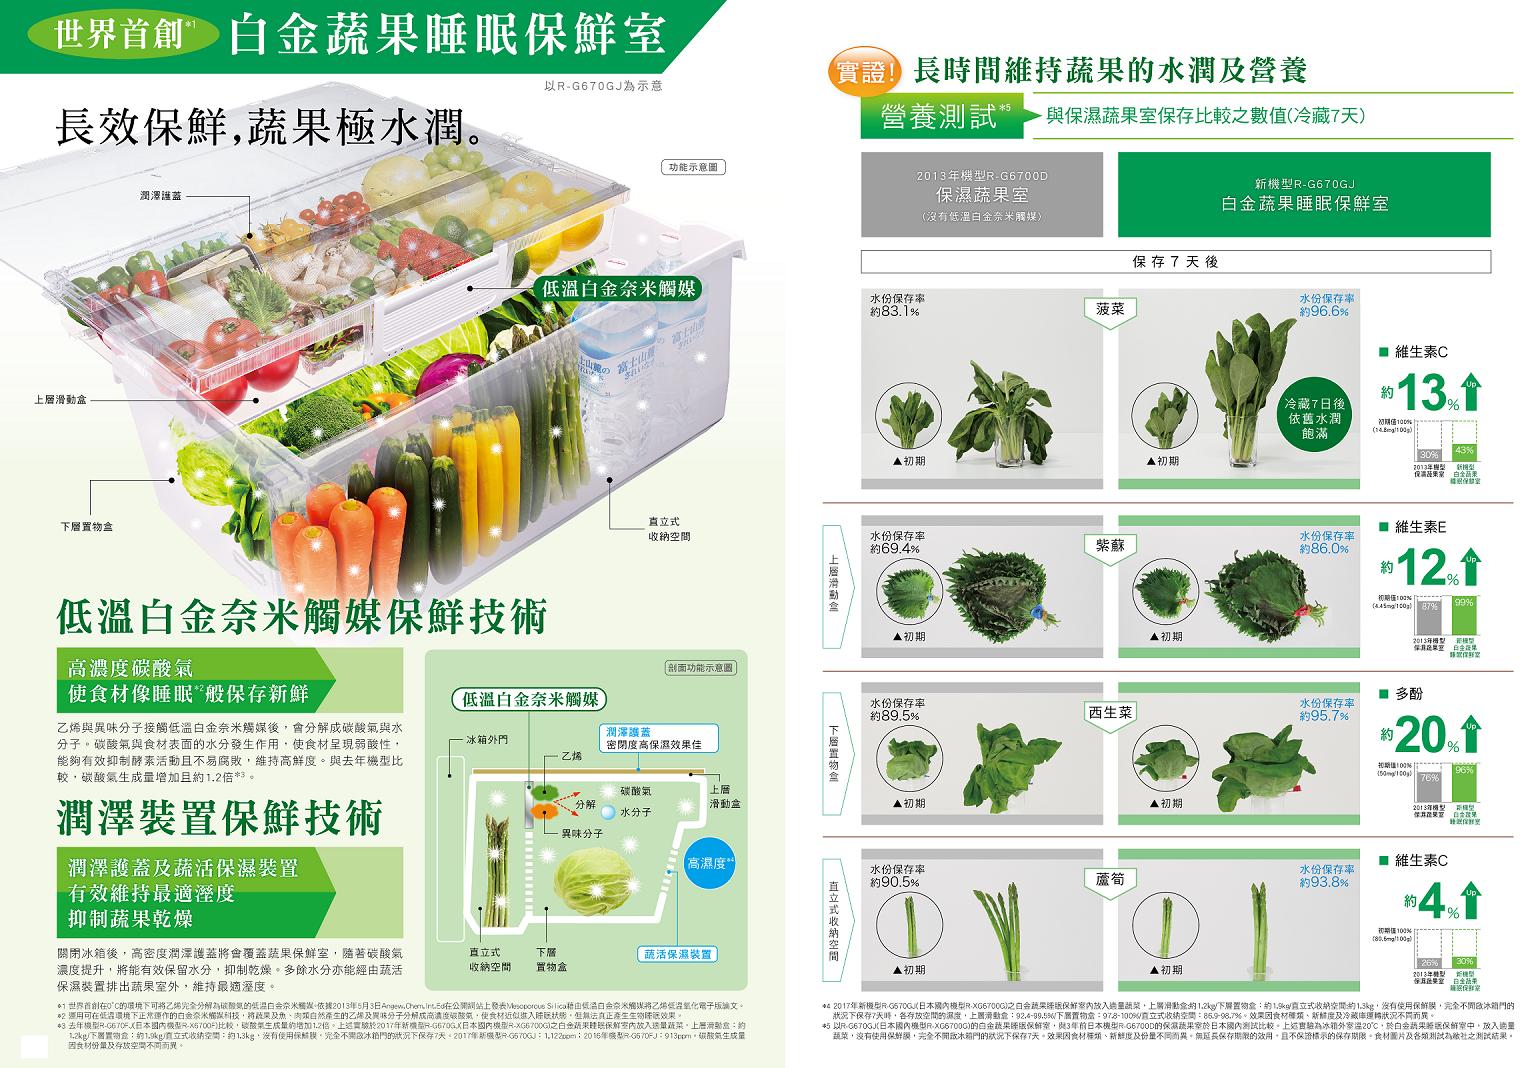 新白金蔬果睡眠保鮮室(下層置物盒)